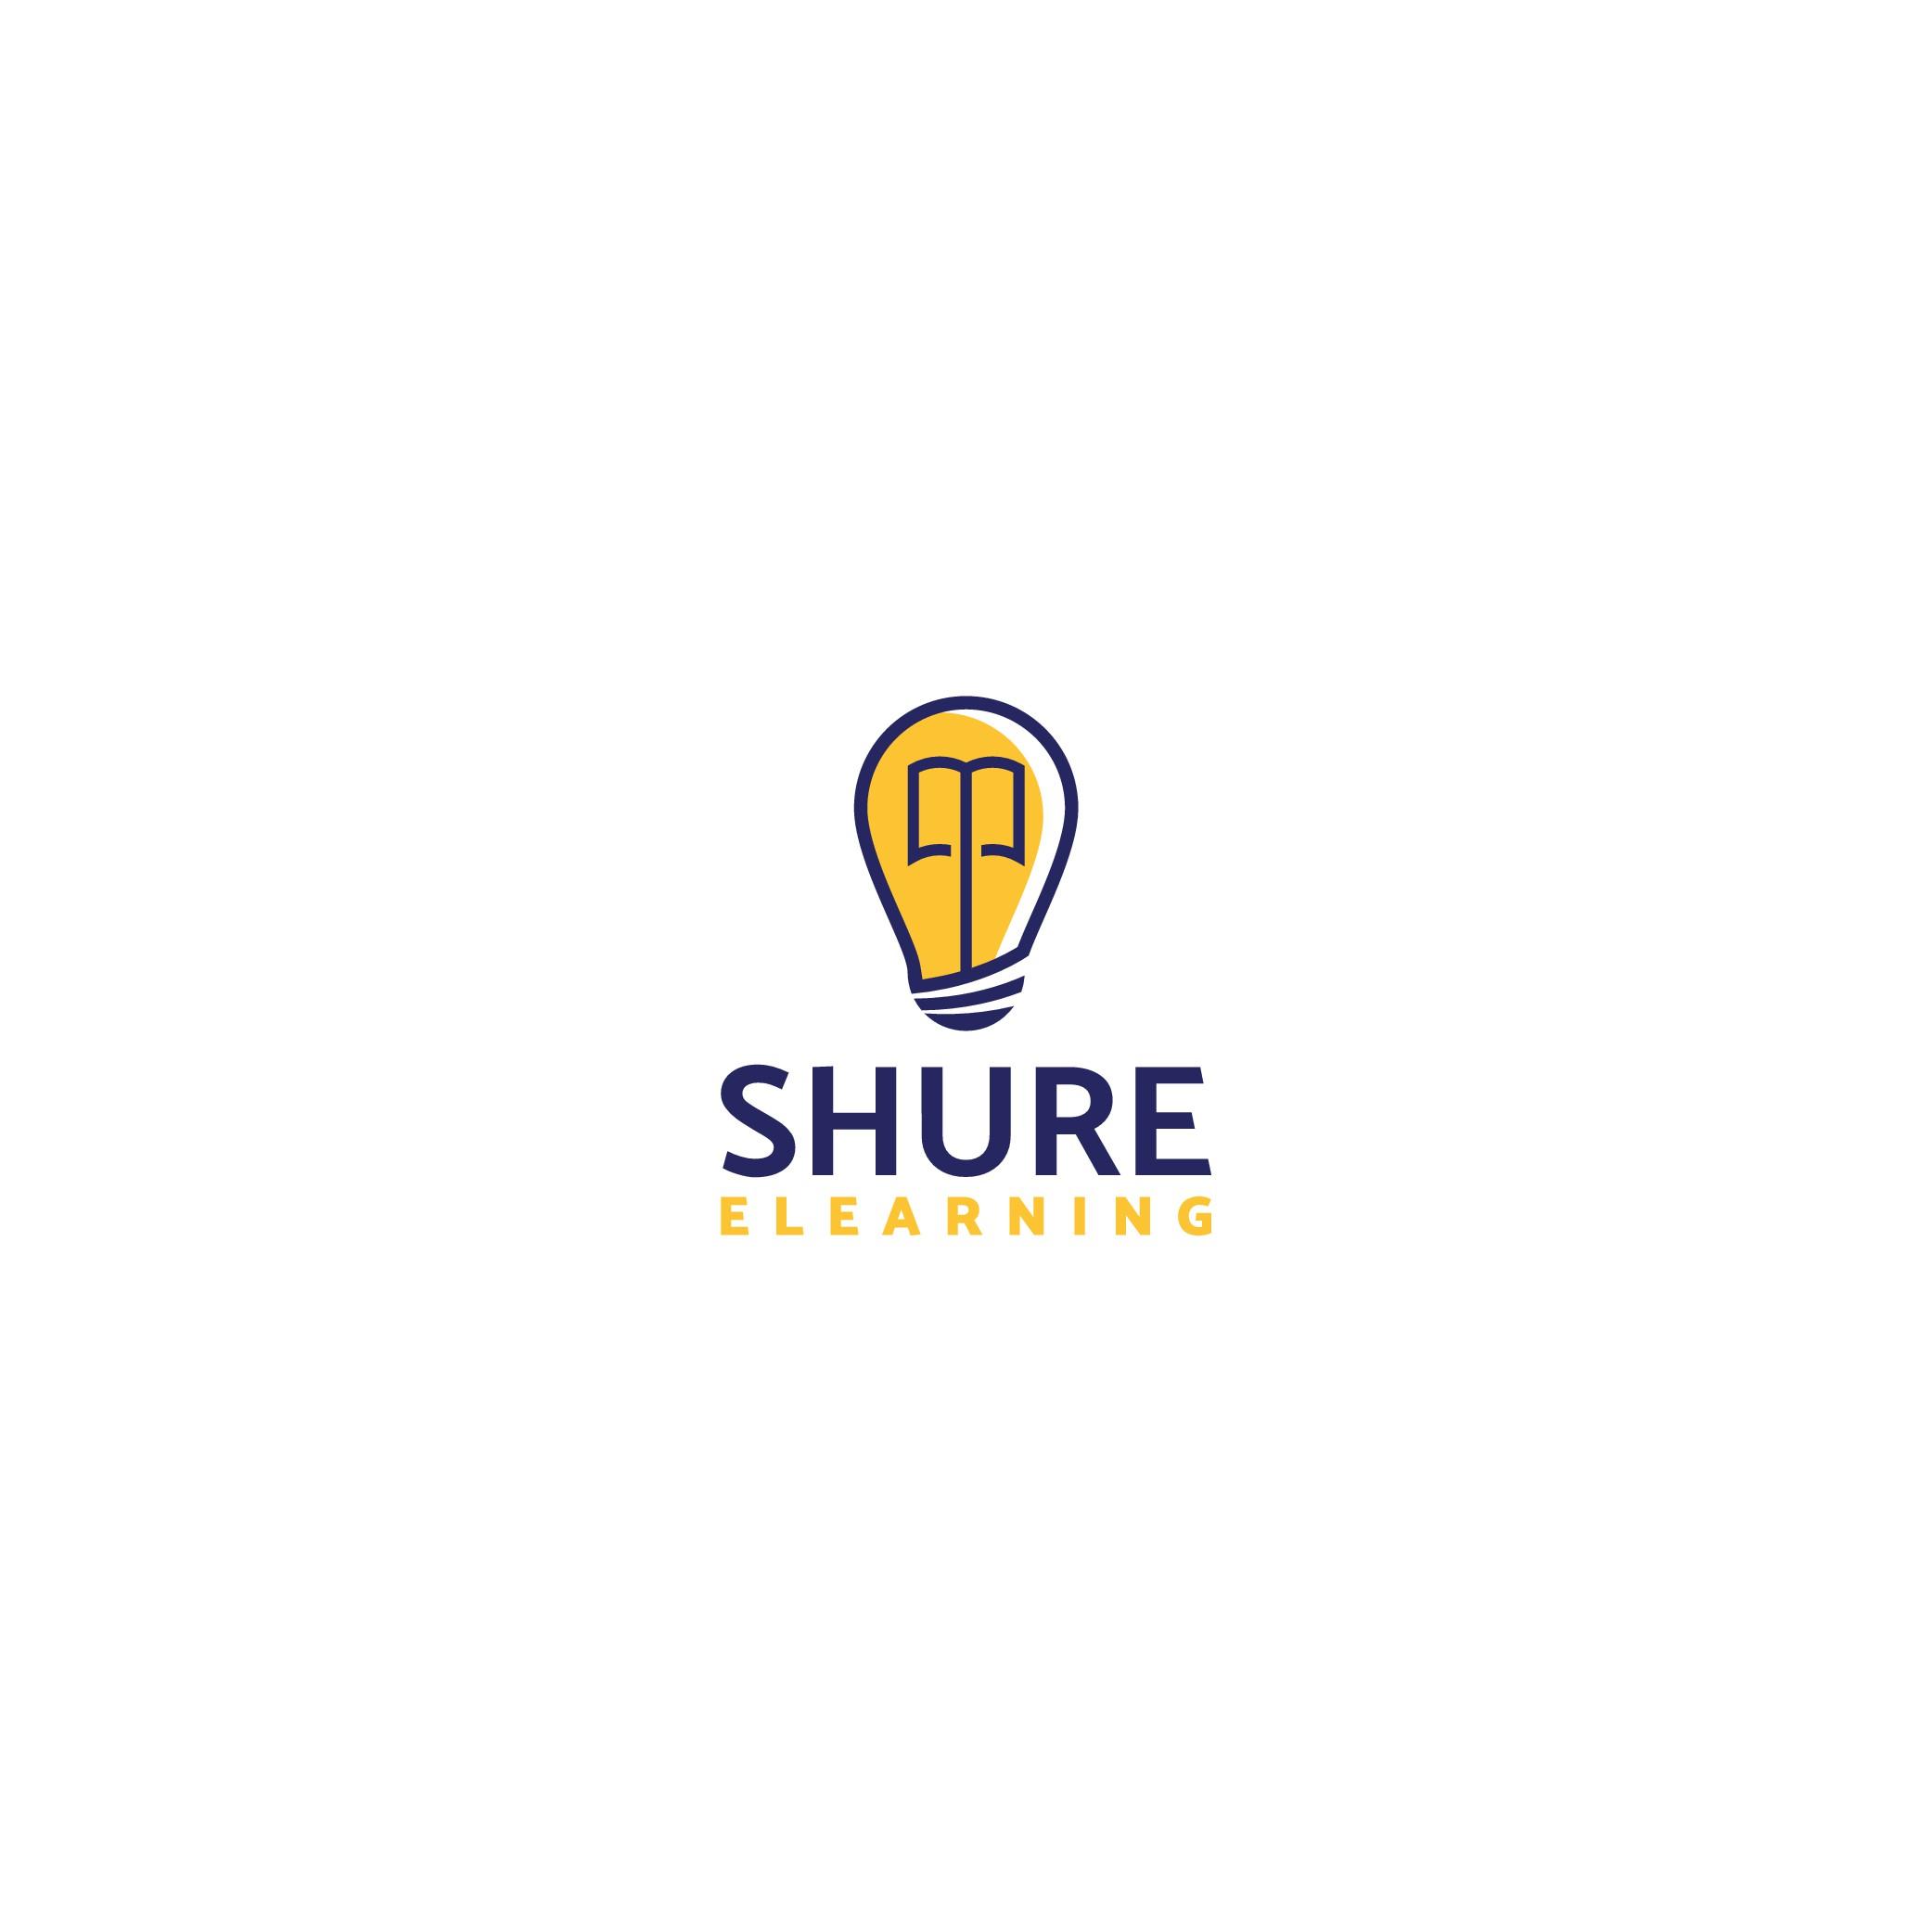 Forward Thinking Logo For ELearning Company